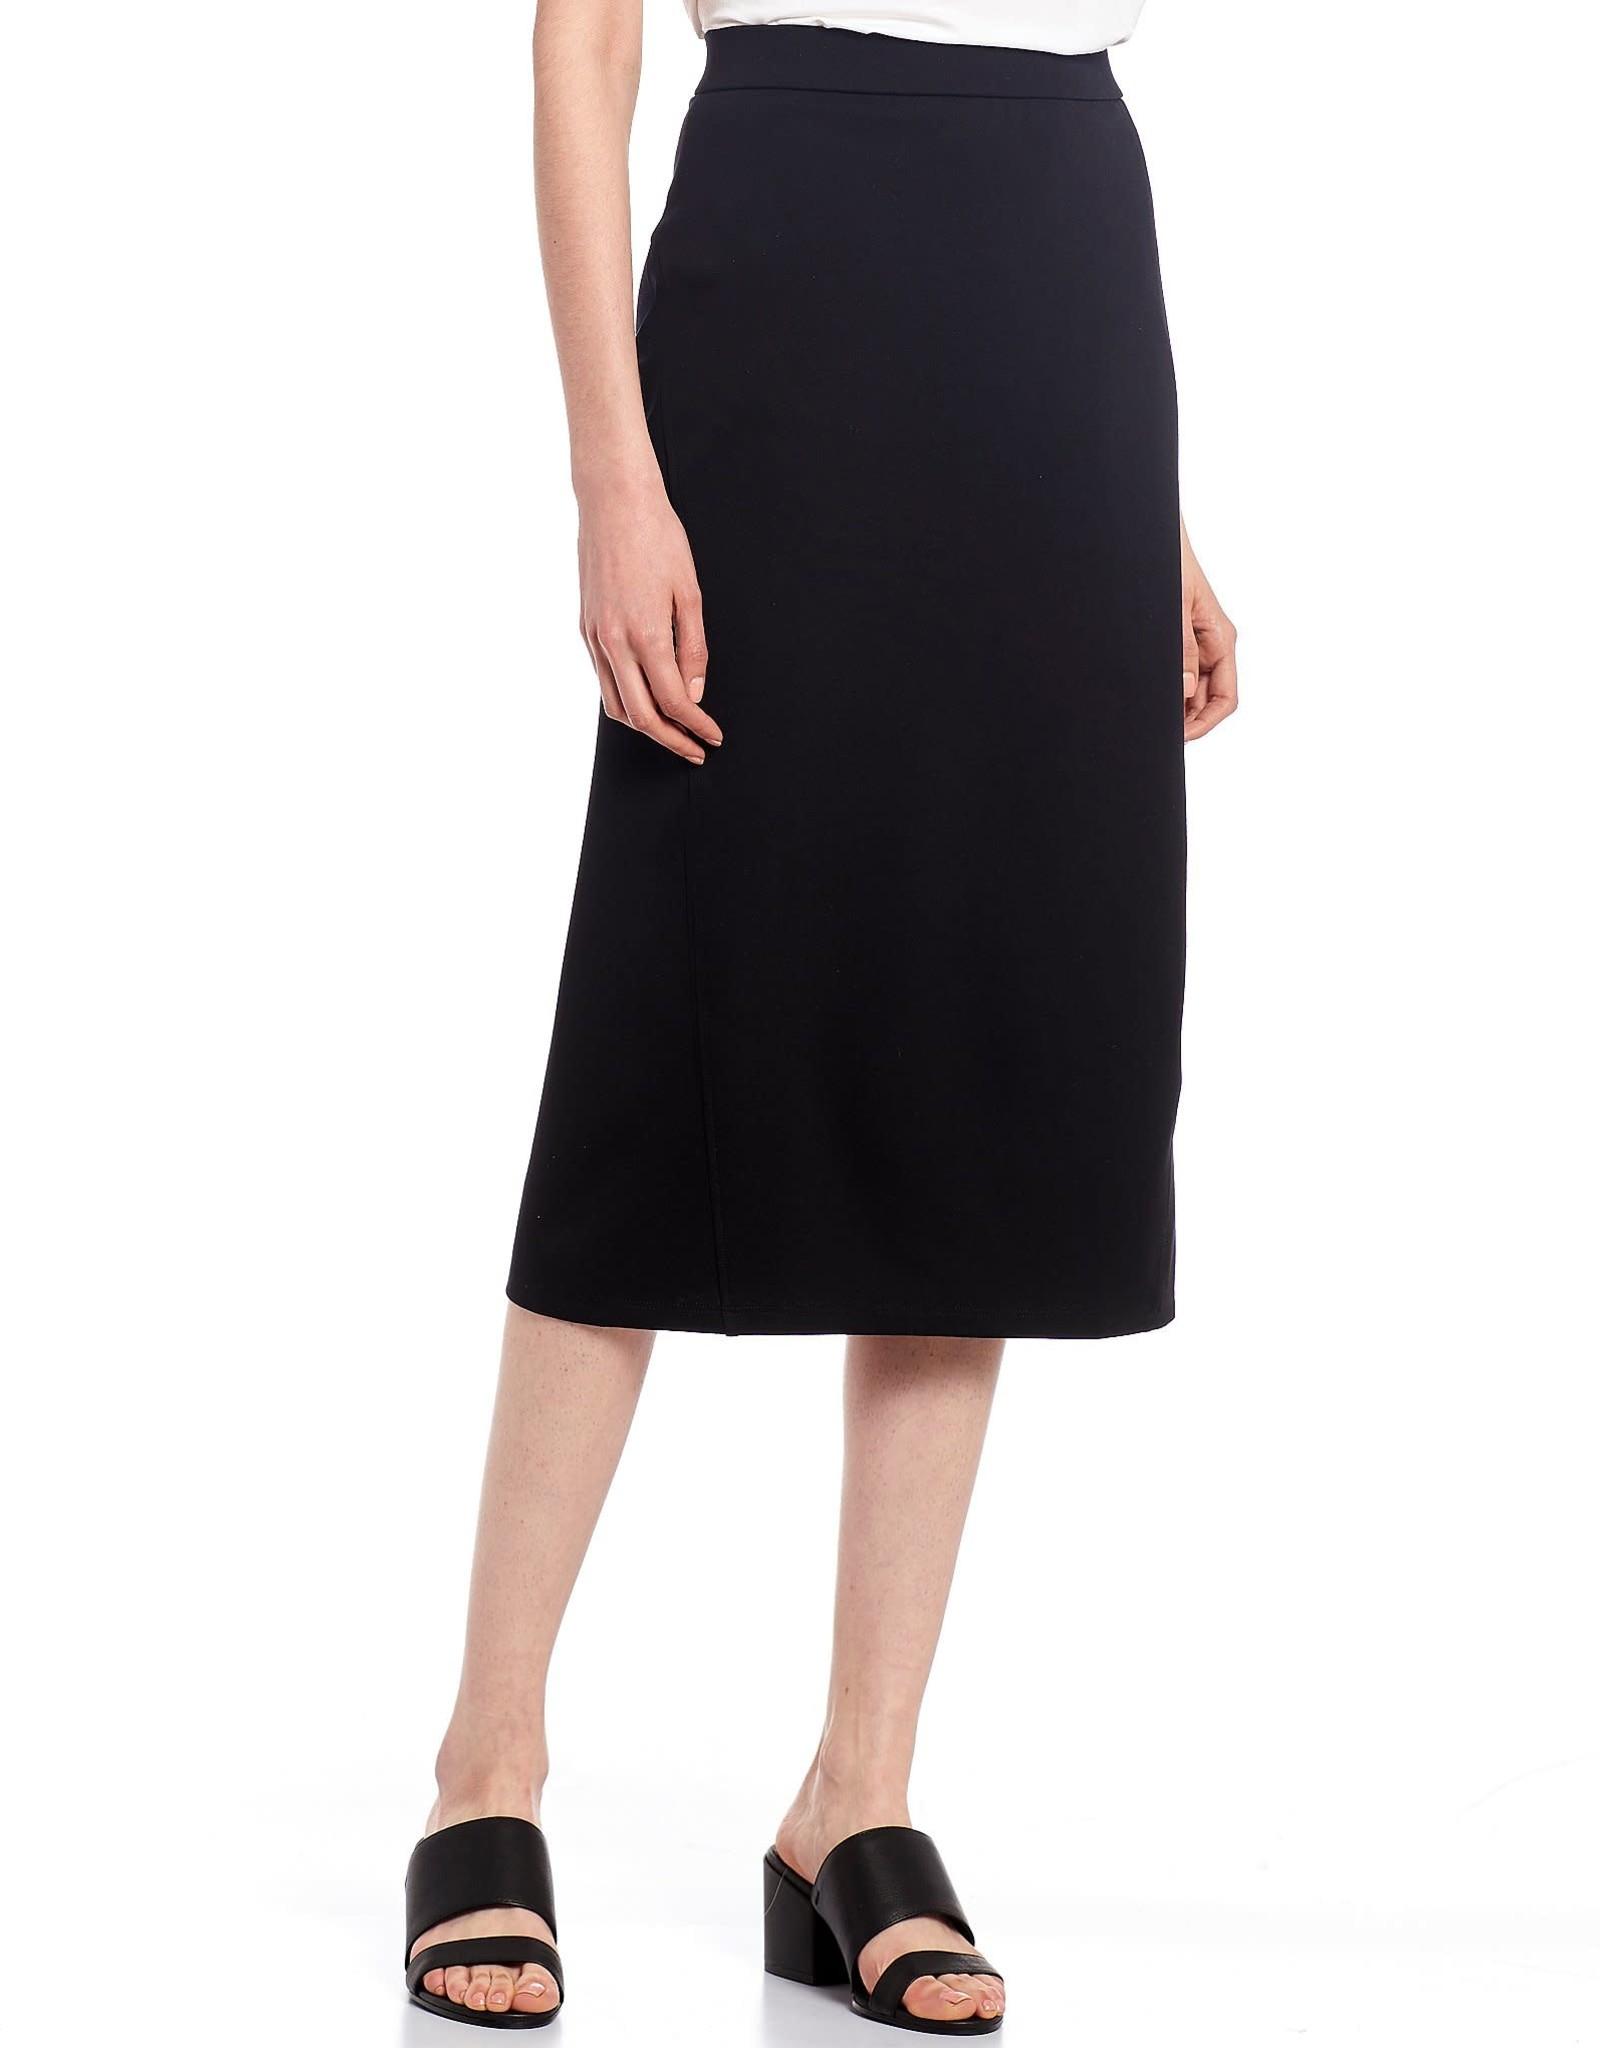 EILEEN FISHER - Flex Pencil Skirt